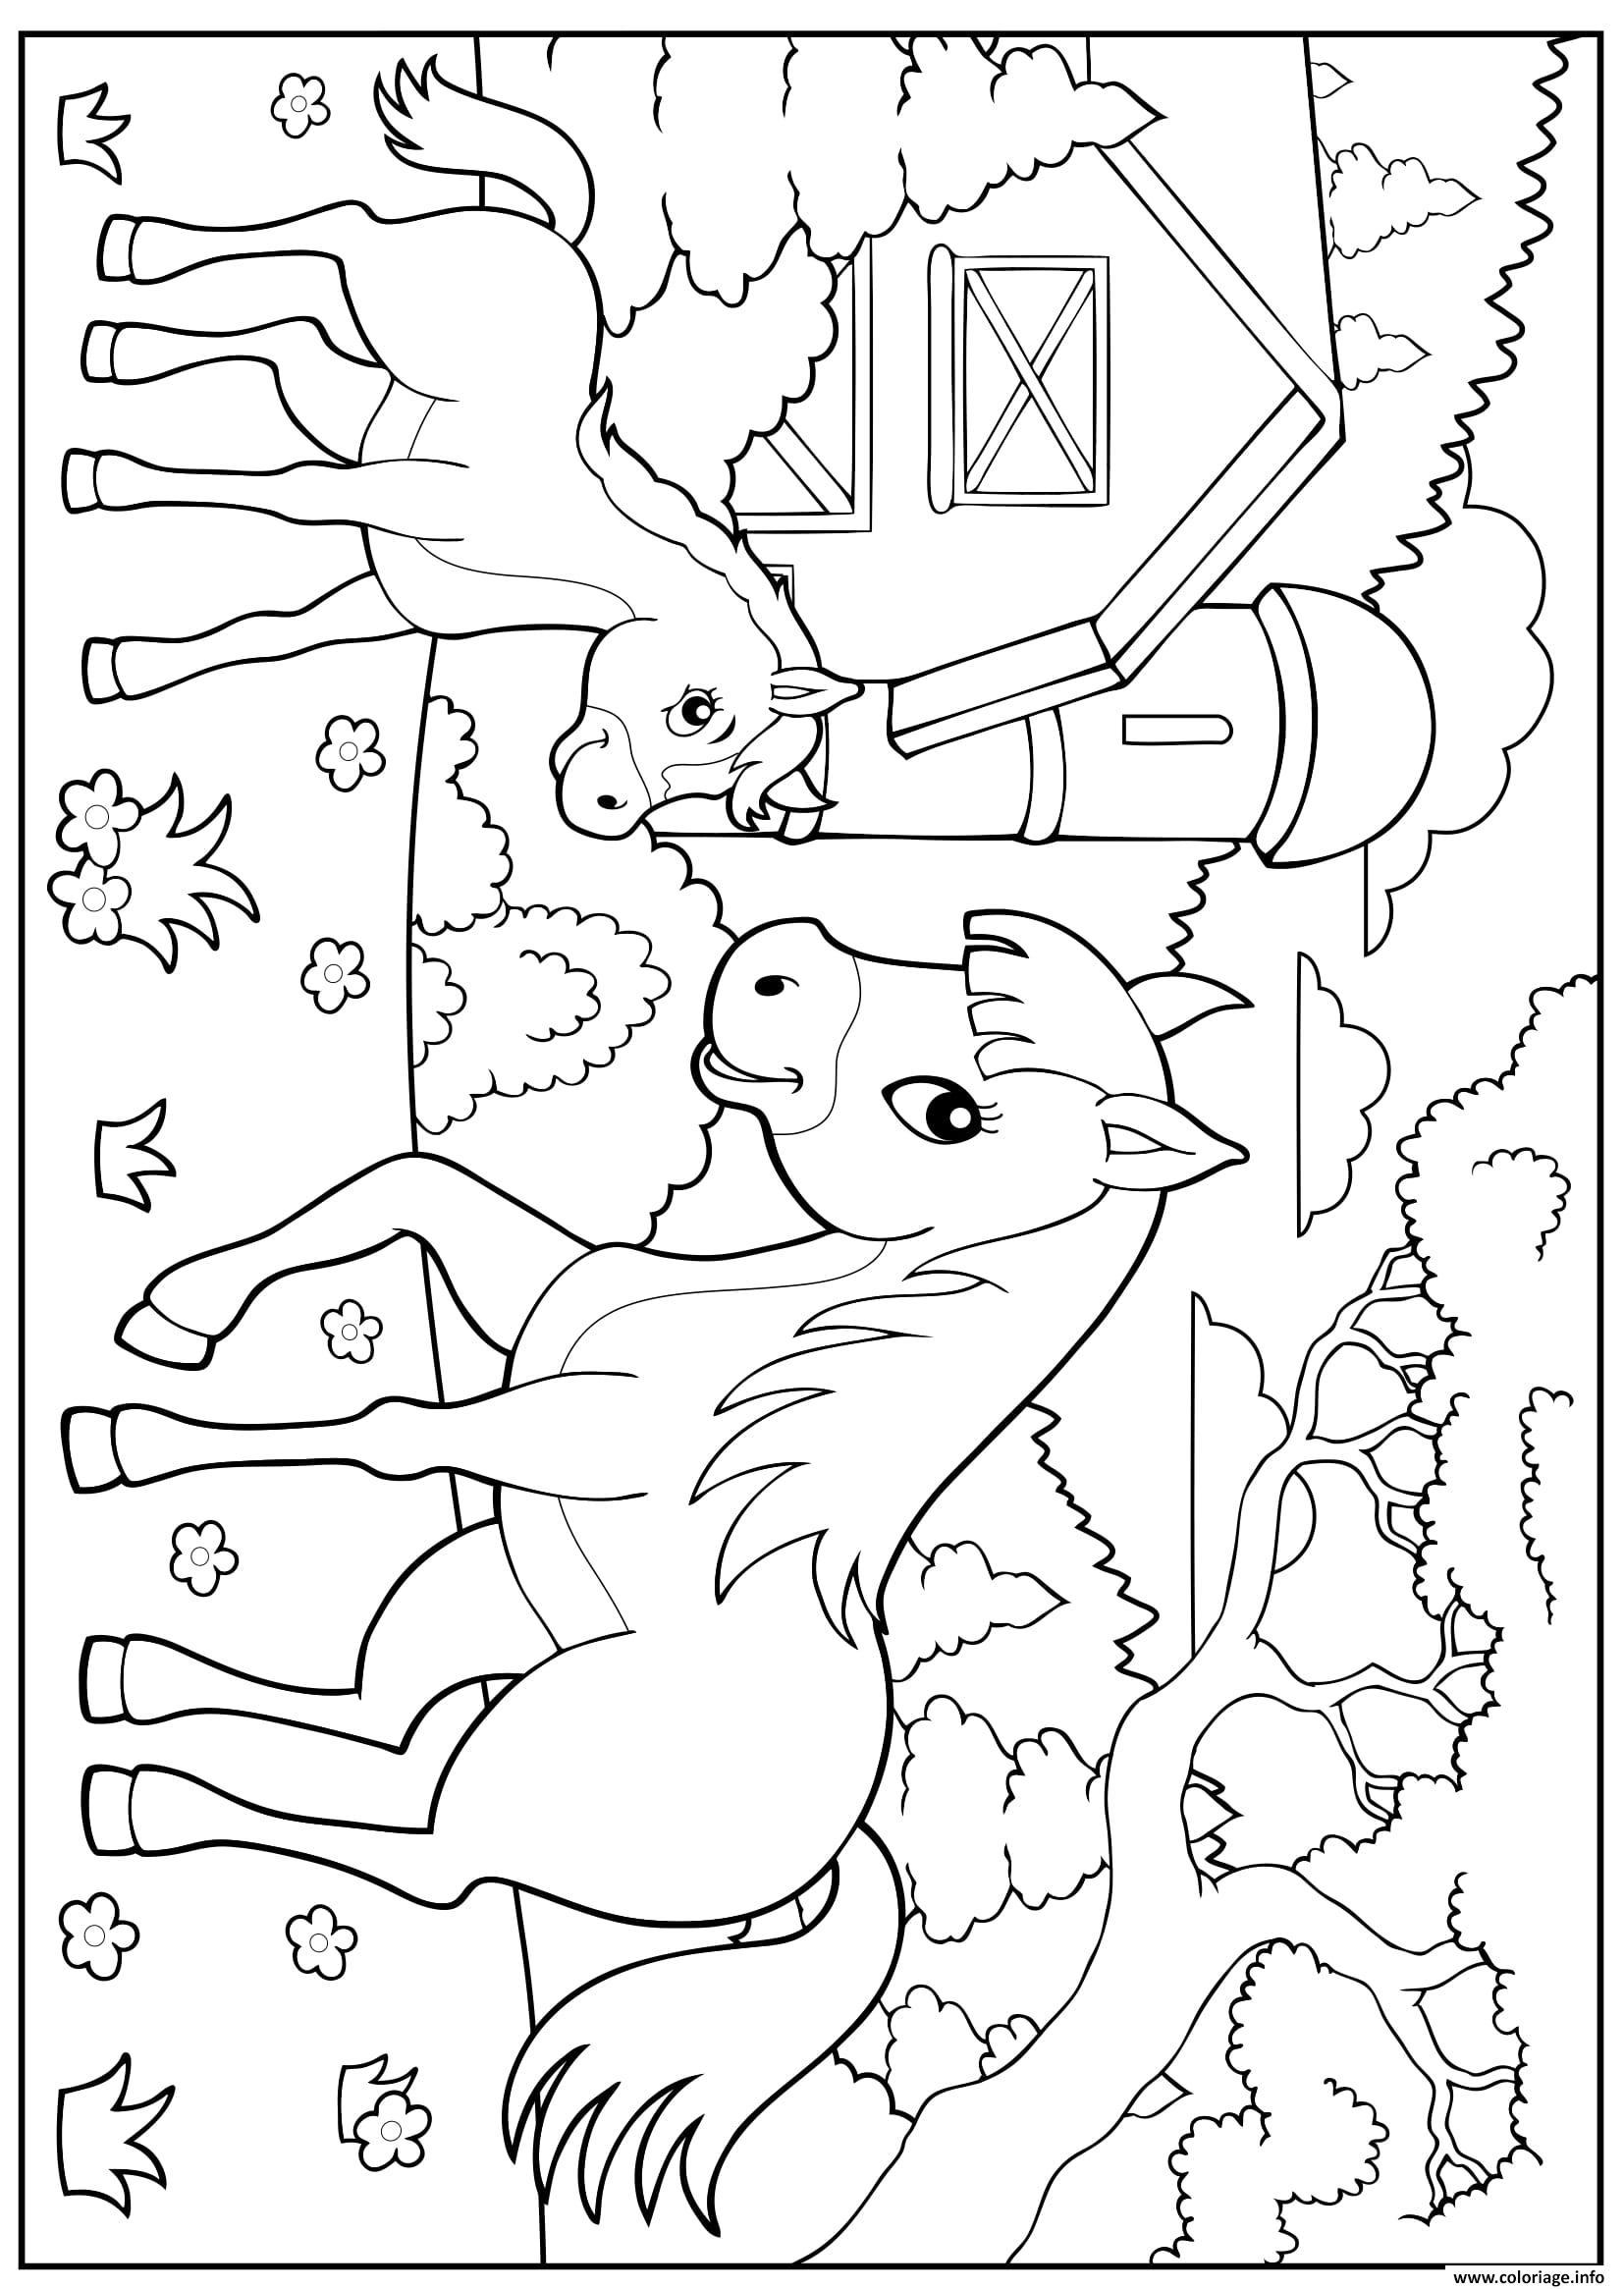 la ferme cheval poney enfant maternelle coloriage dessin